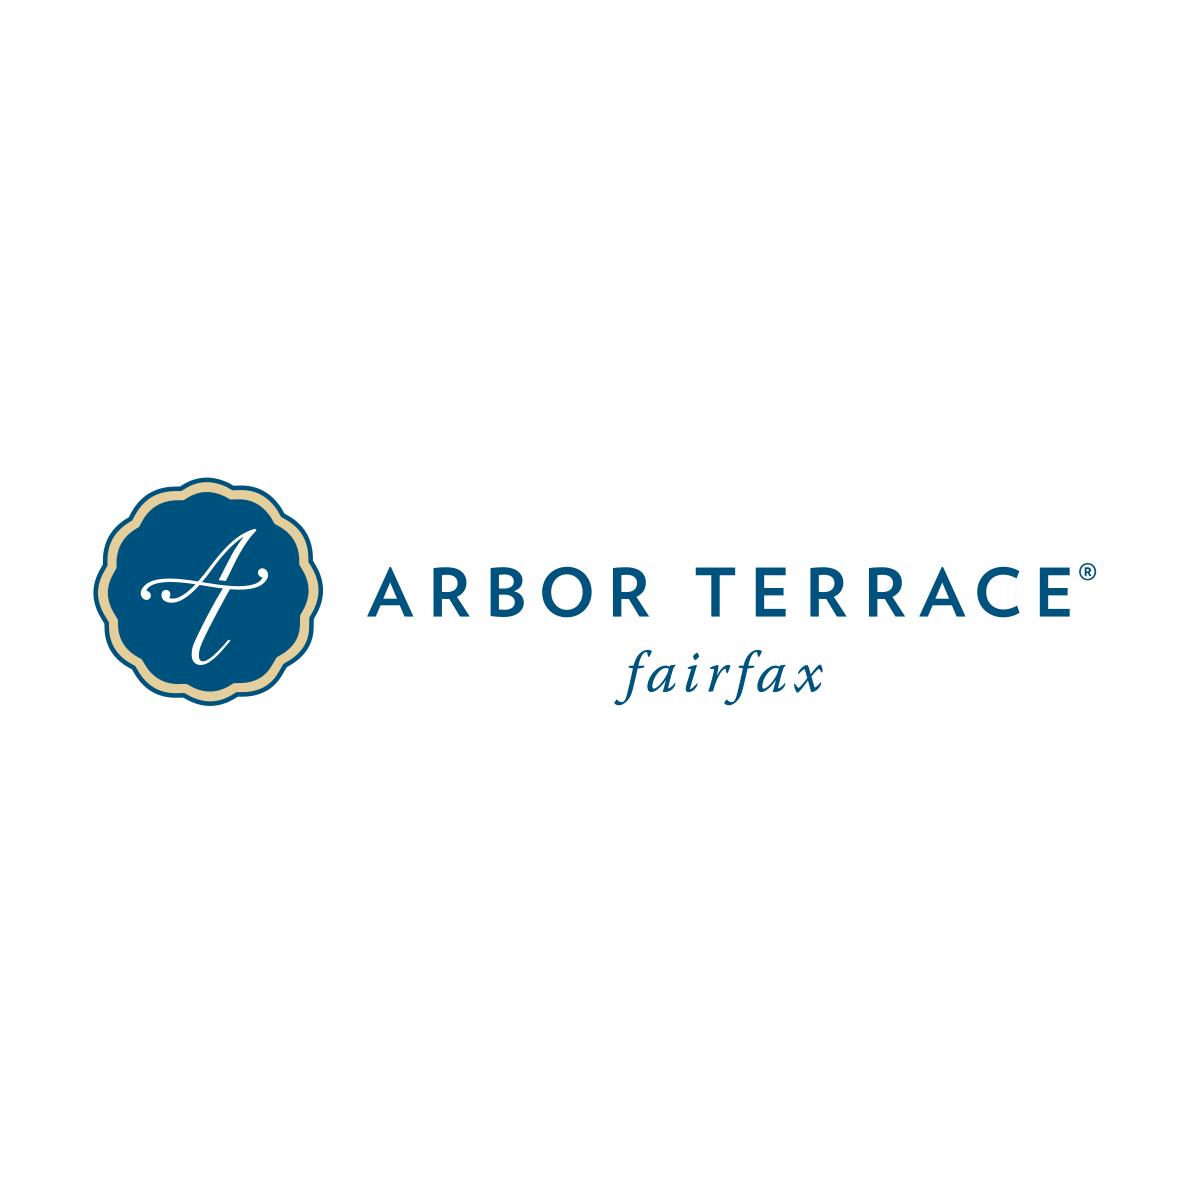 Arbor Terrace Fairfax